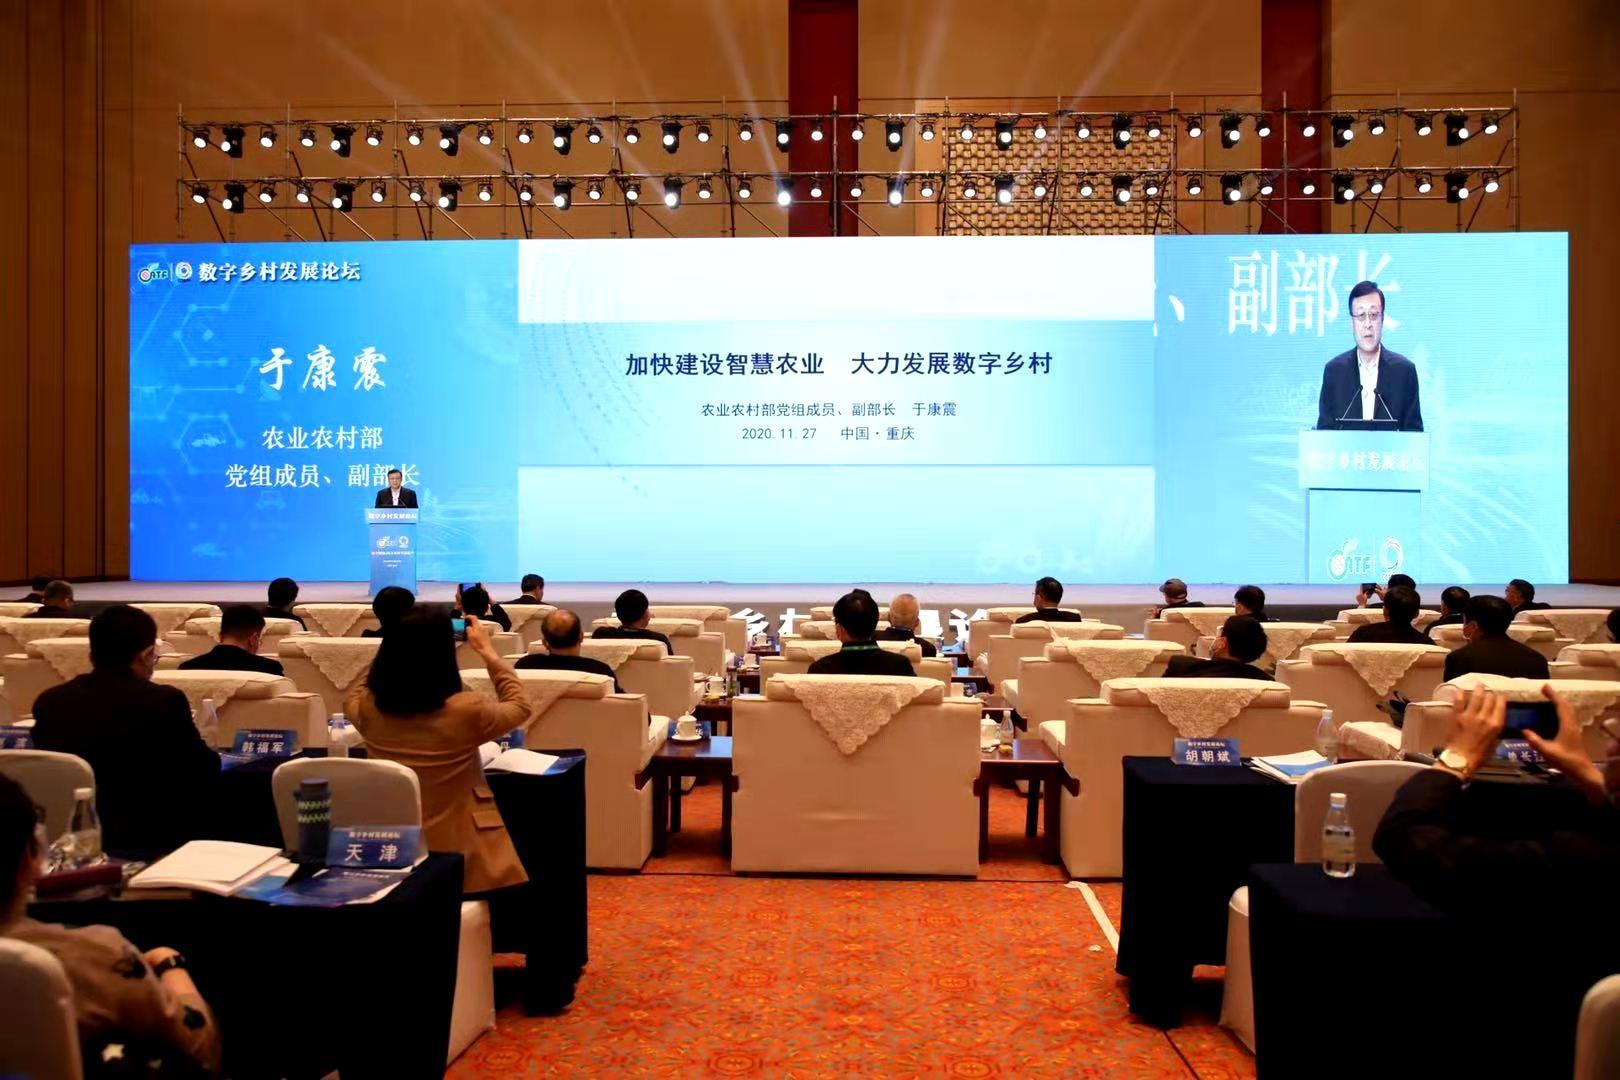 《【奇亿娱乐注册平台官网】2020数字乡村发展论坛在重庆举办》